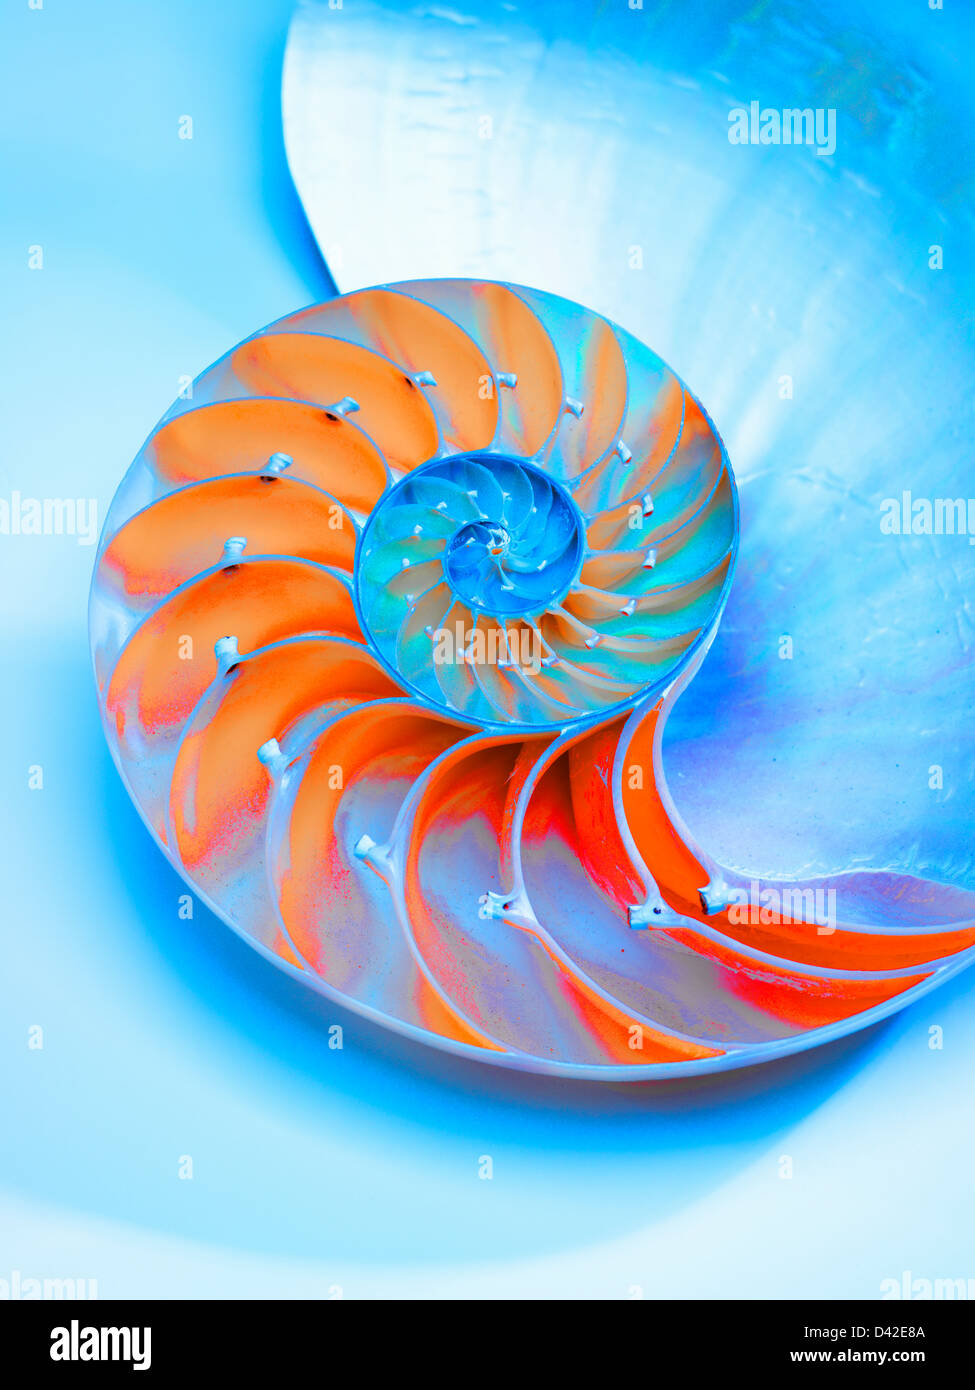 Meeresschnecke in der Mitte zeigt die Kammern, Nautilus Pompilus, Gattung Nautilus halbiert Stockbild